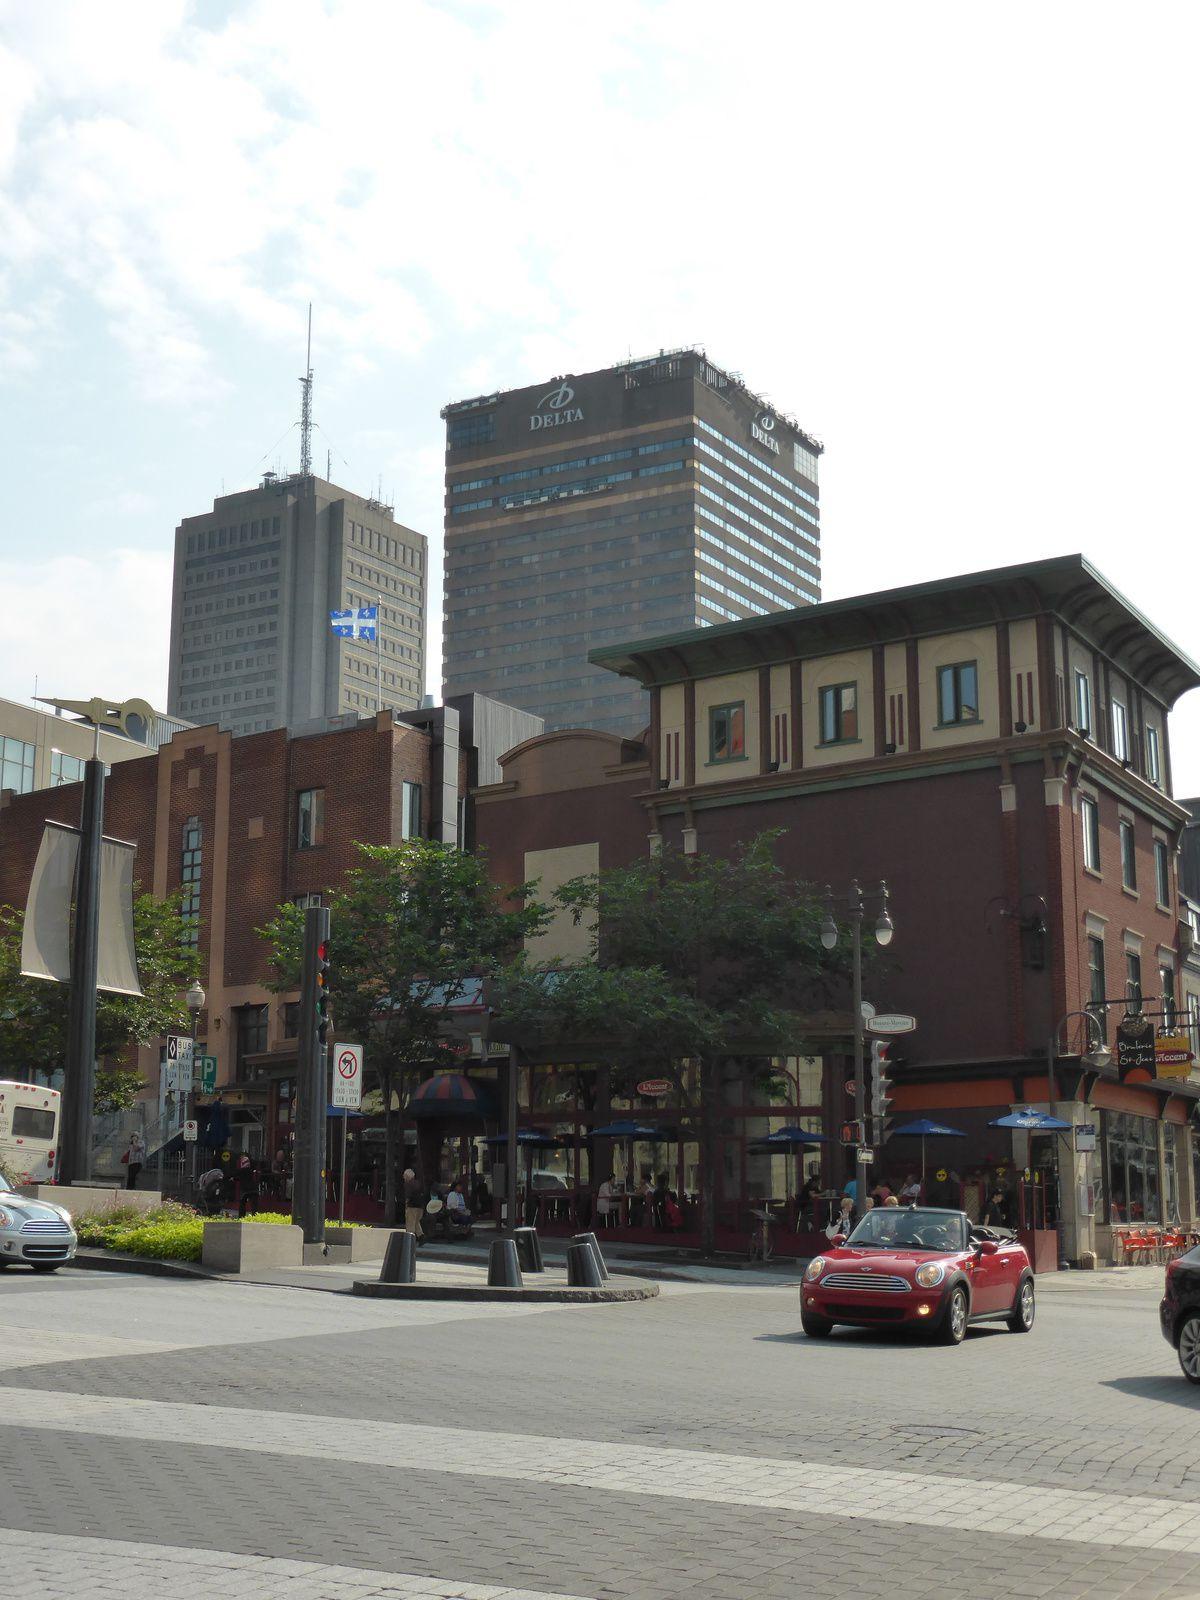 Suite de mon voyage au Canada - Quebec 2e partie